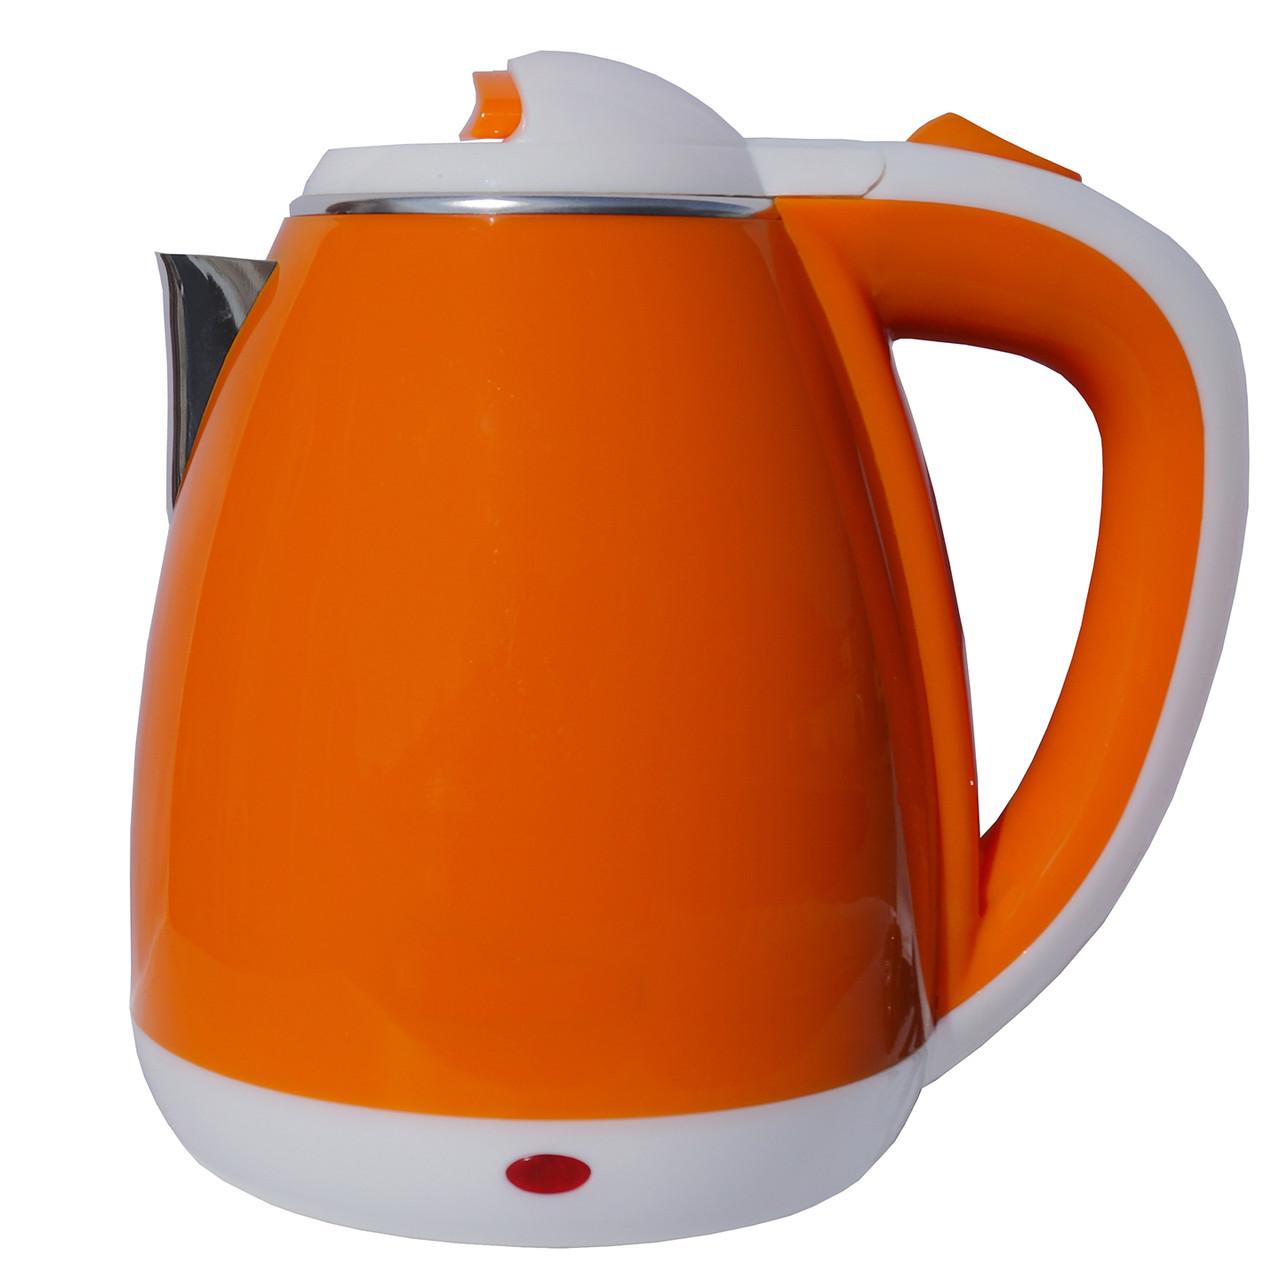 Электрочайник металл-пластик  DT 901 оранжевый 1.8 литра распродажа